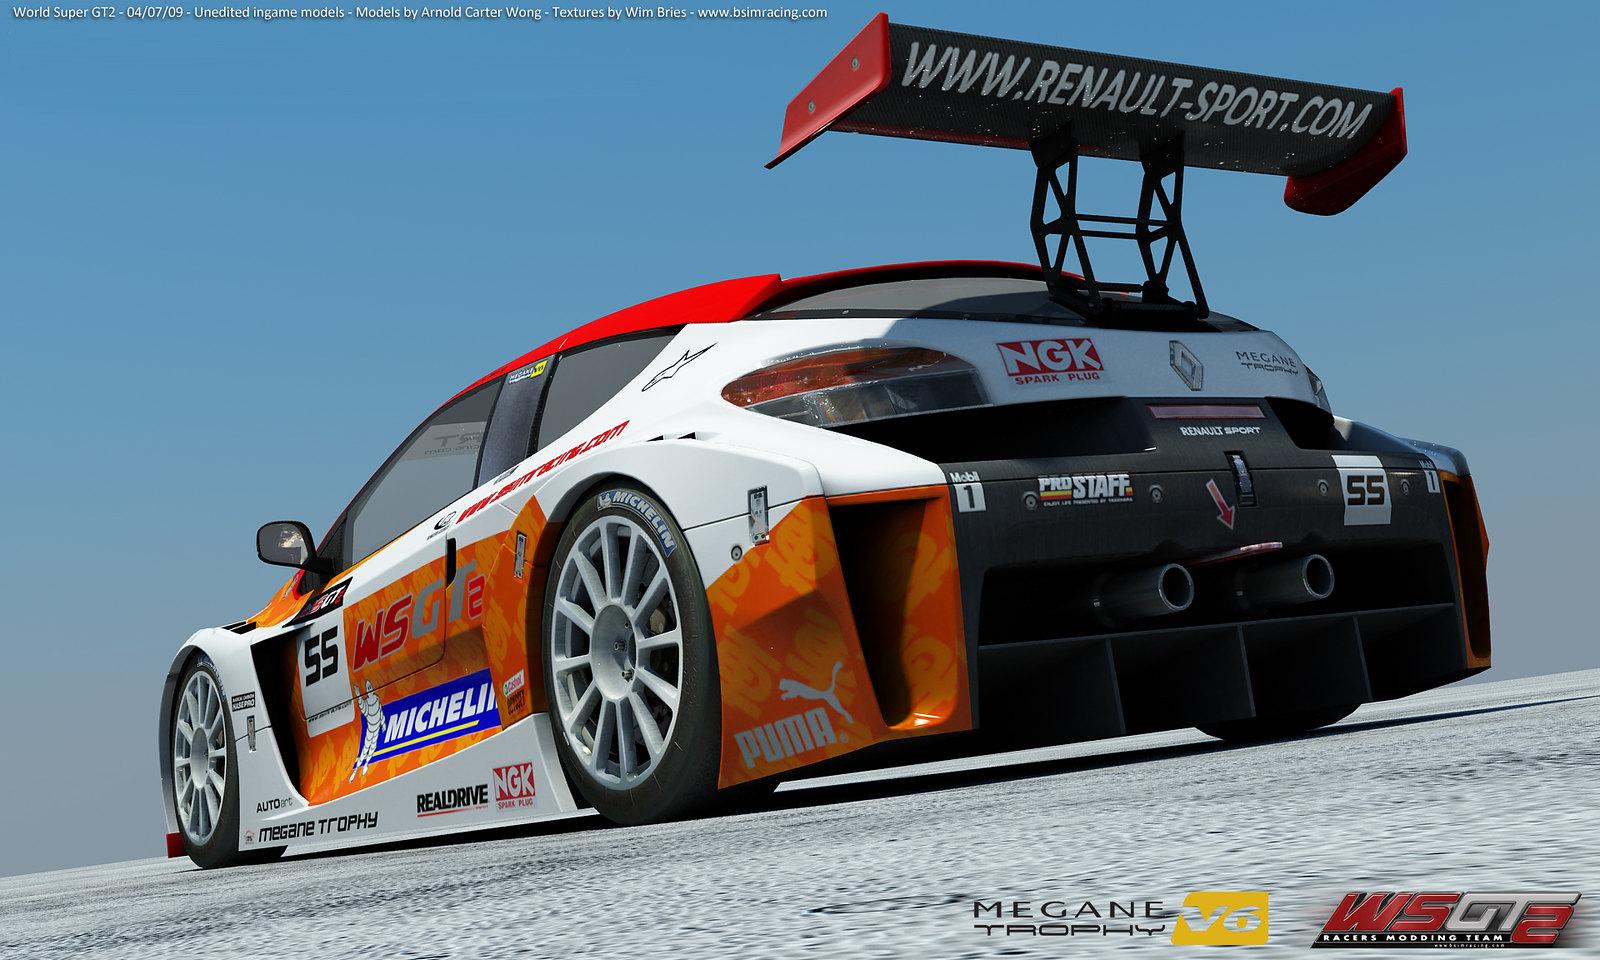 megane-bsim-racing-02